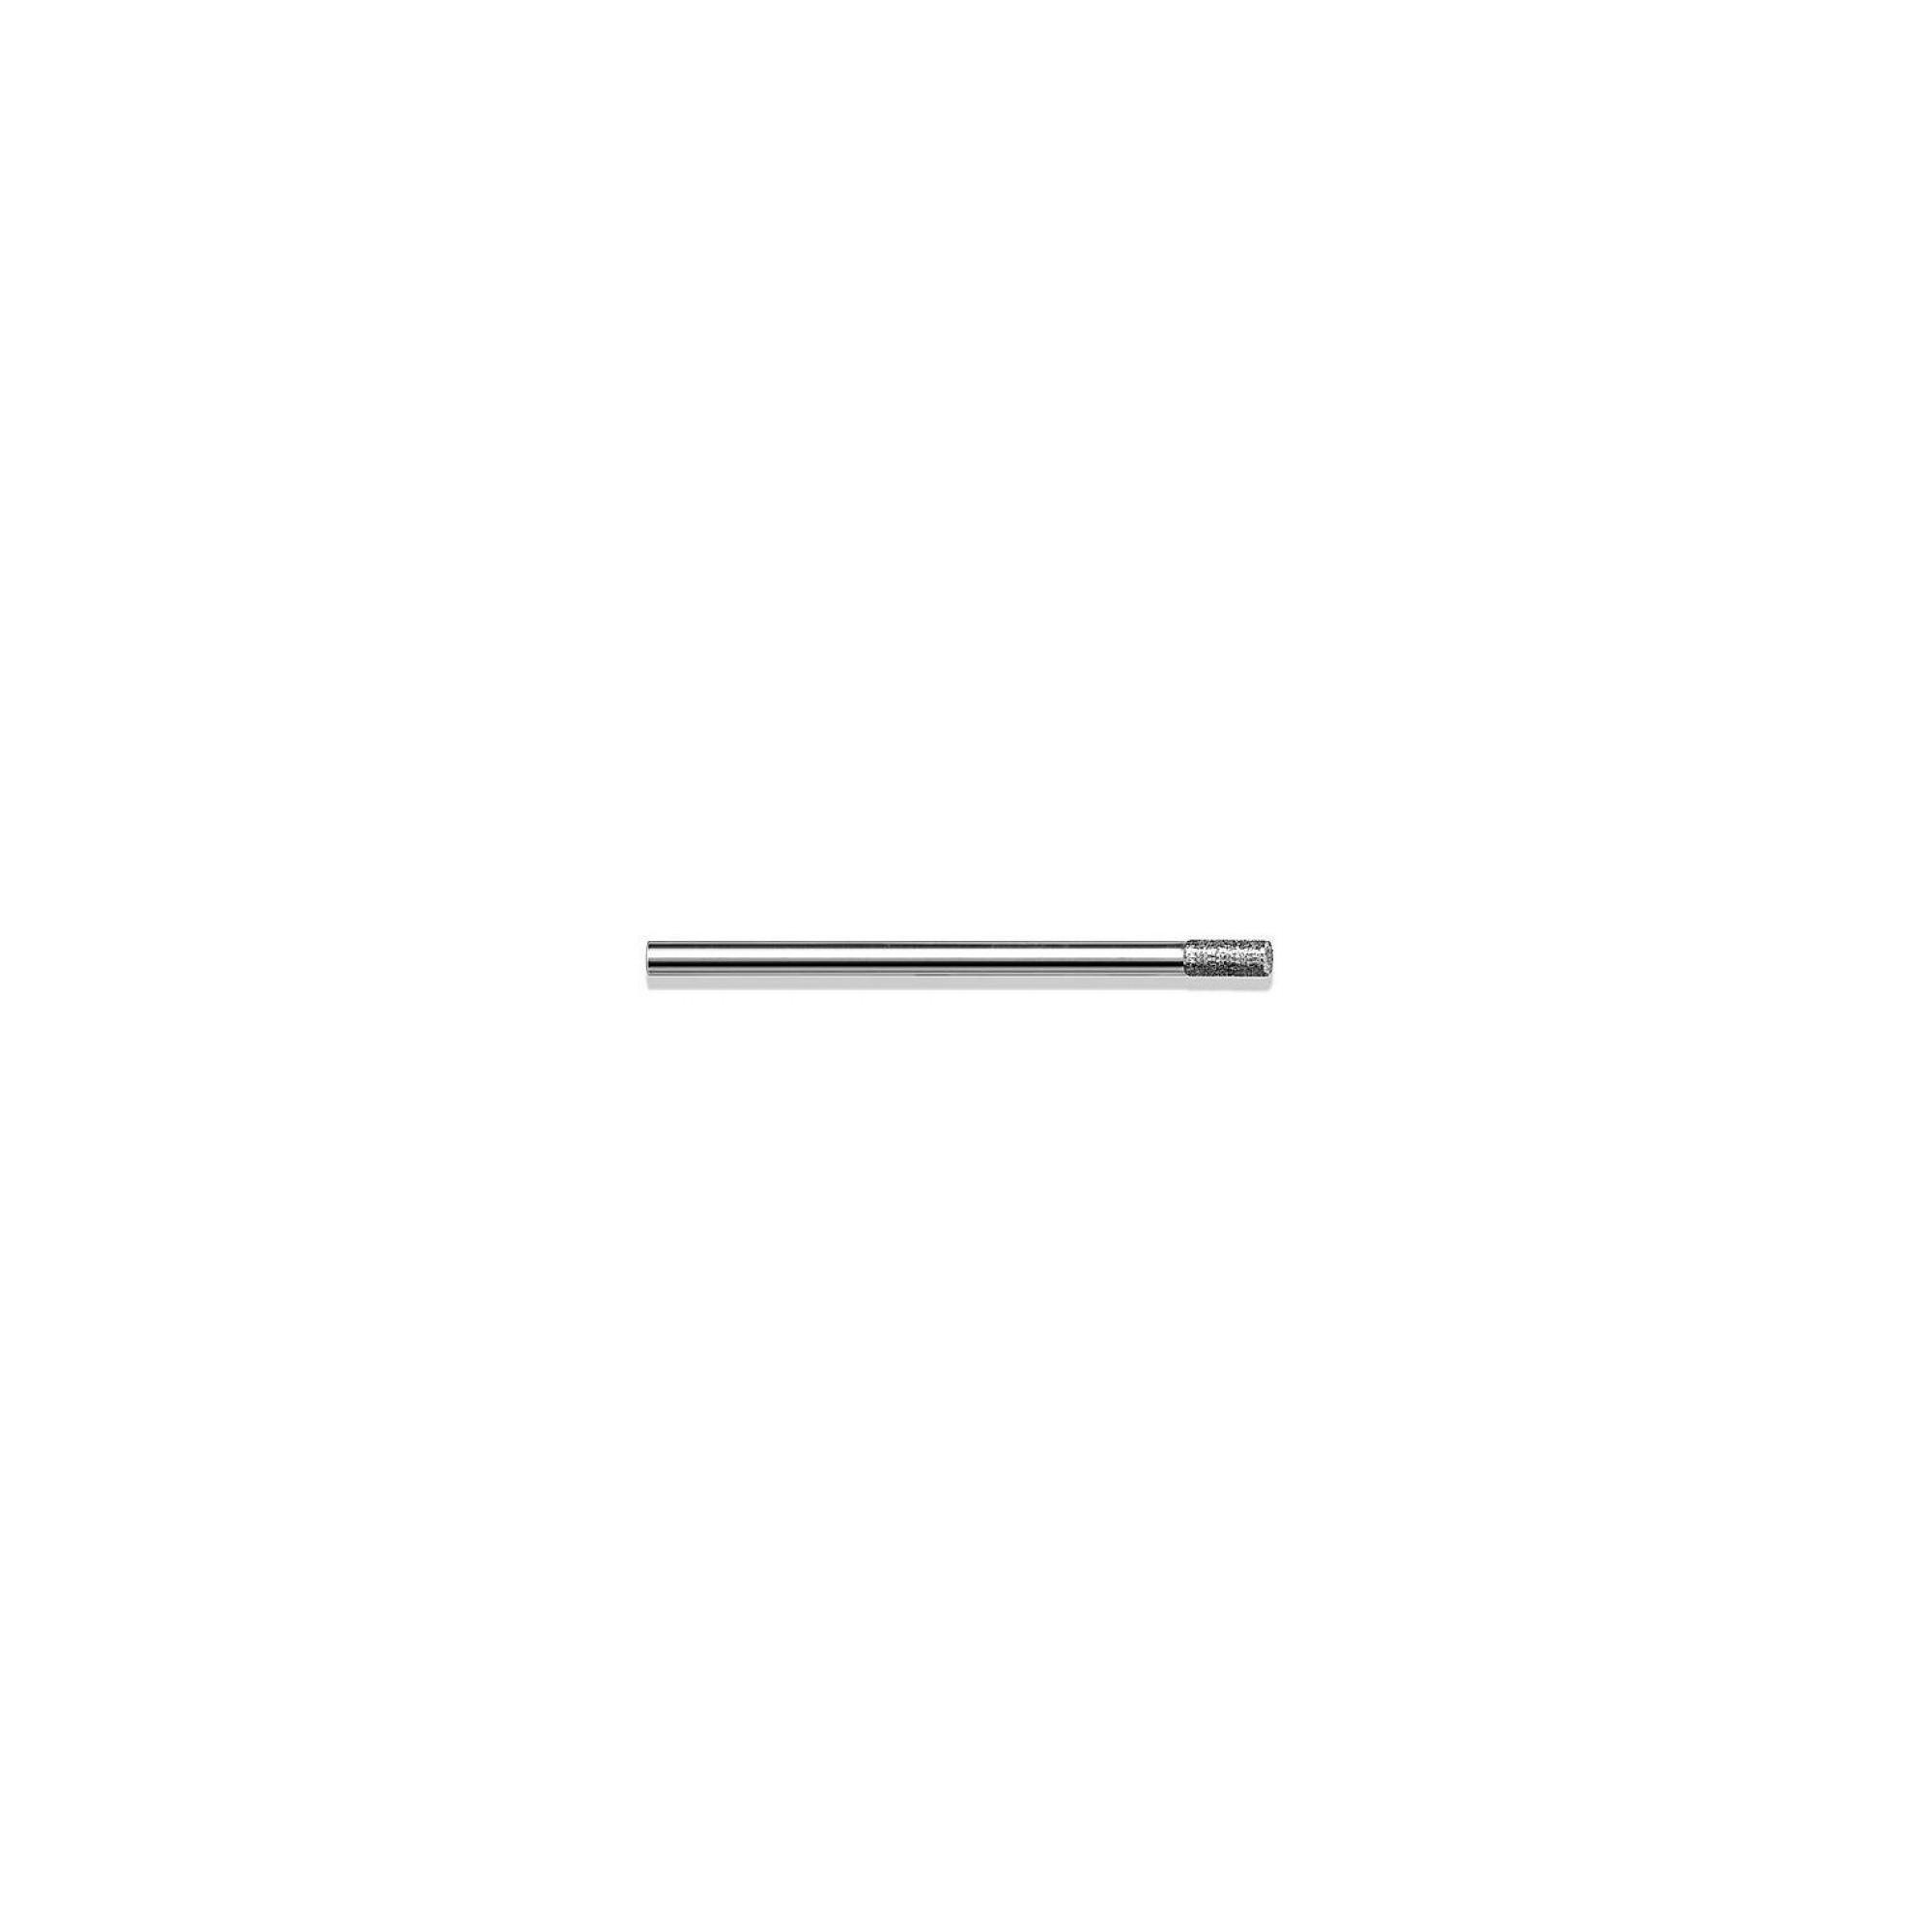 Fraise diamantée standard - Lissage des ongles et des callosités - Grain moyen - Pack de 2 fraises - ø2,7mm